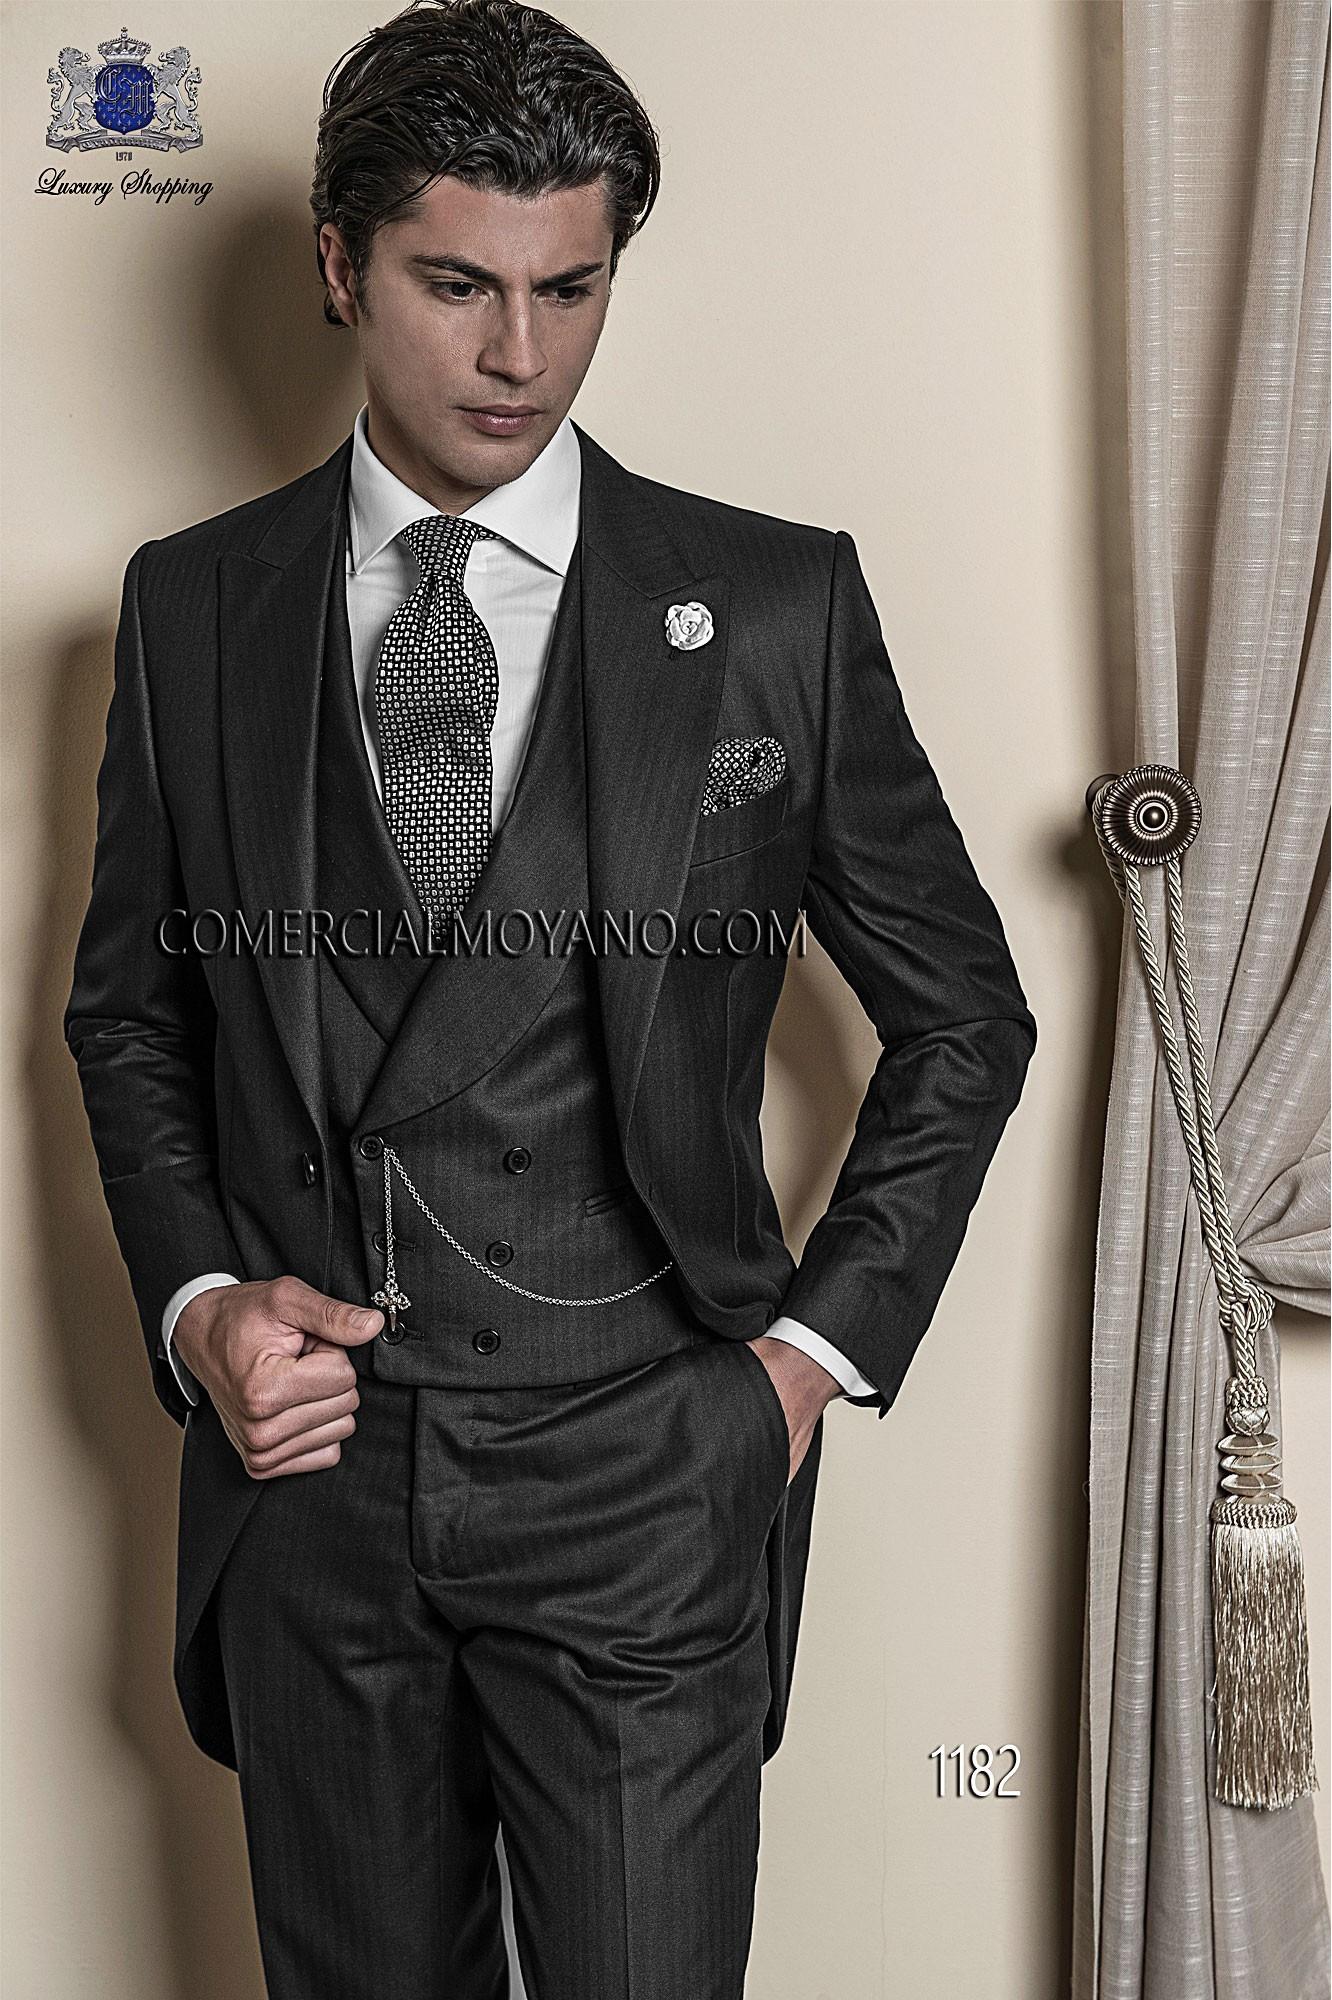 Italienne sur mesure costume simple boutonnage, 2 boutons, dans la nouvelle noire de performance, de style 1182 Ottavio Nuccio Gala, collection Gentleman.